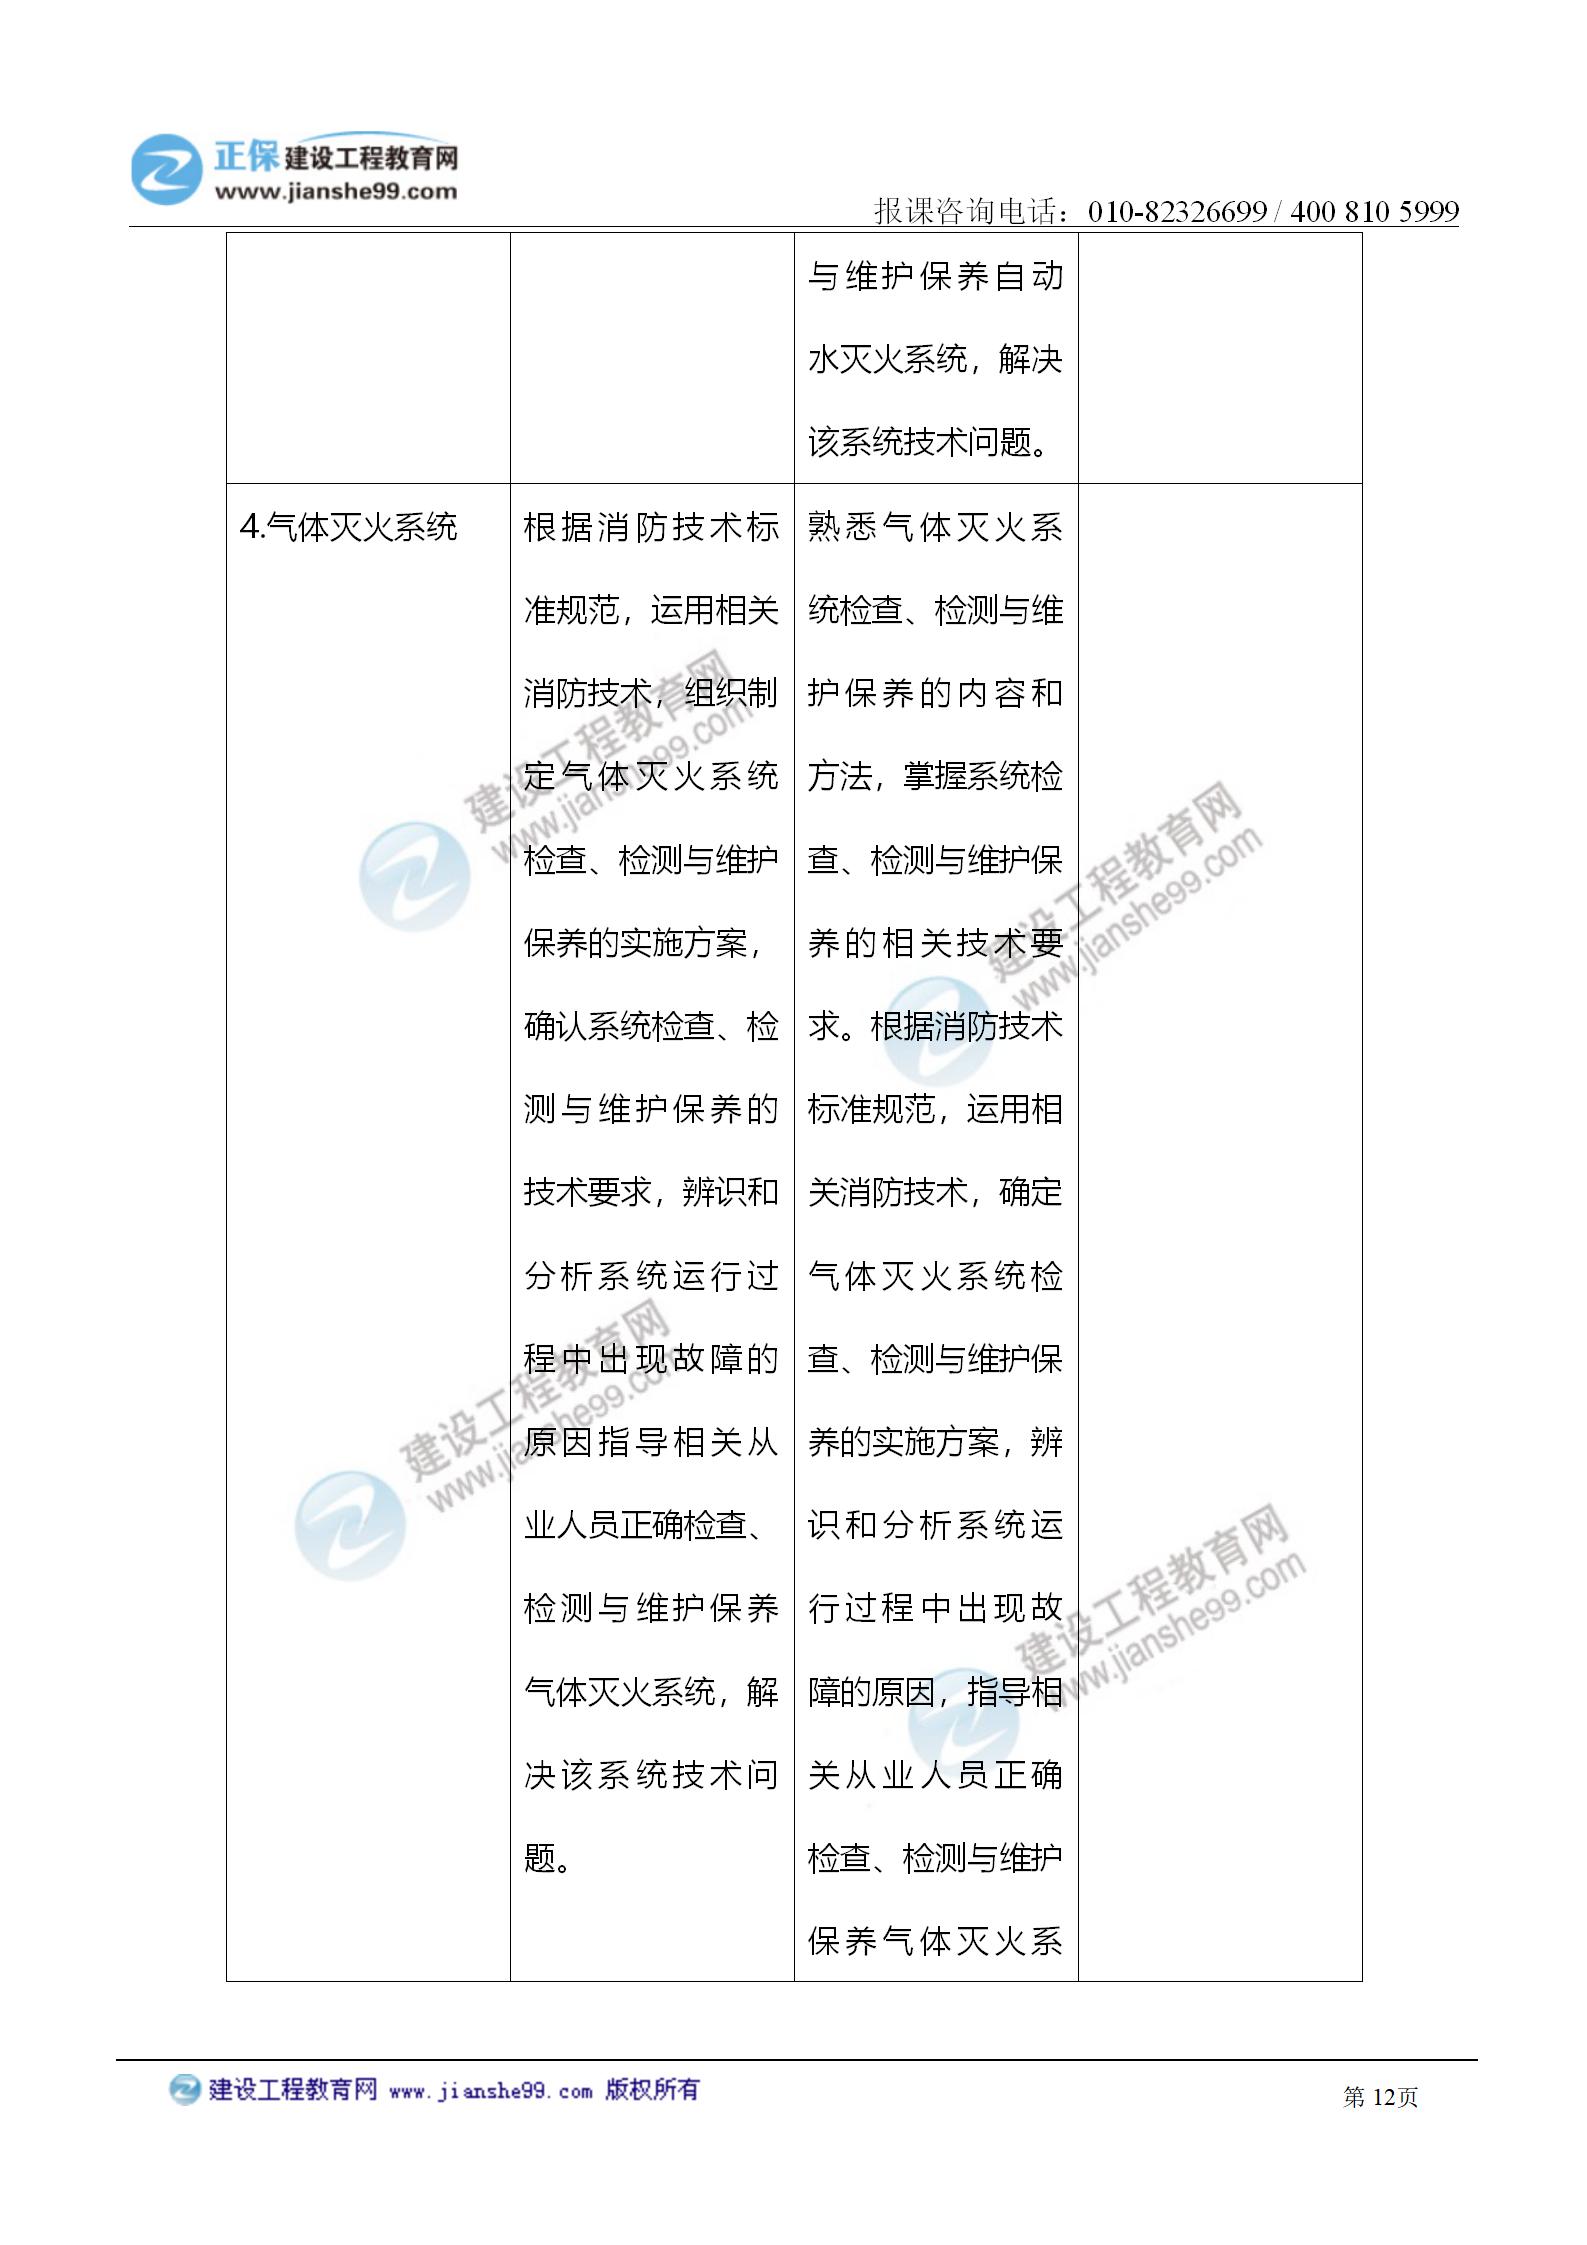 2021注册消防工程师《综合能力》考试大纲变化情况_12